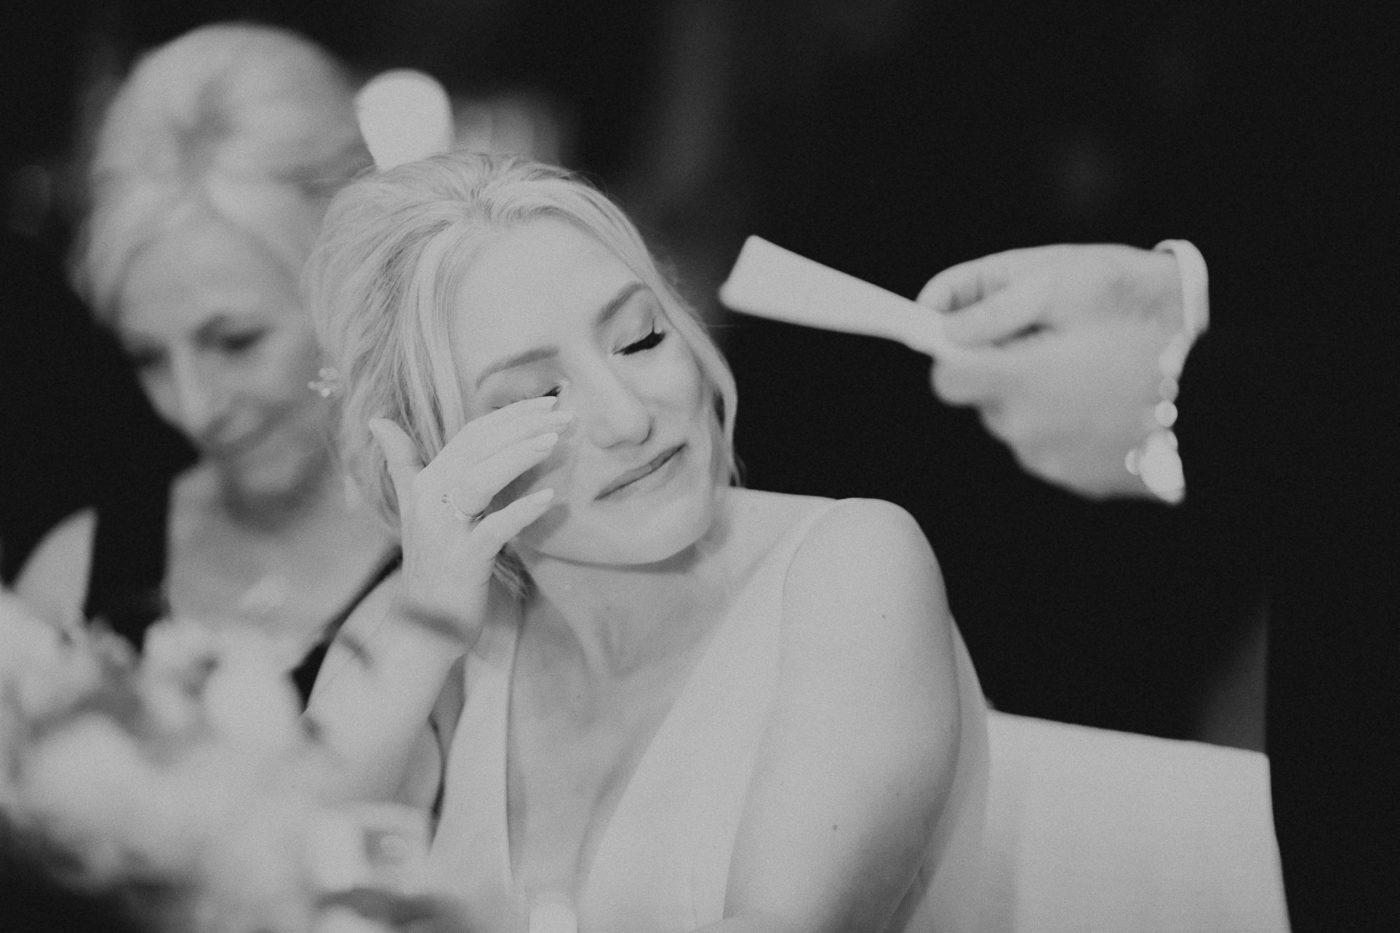 Die Braut ist zu Tränen gerührt